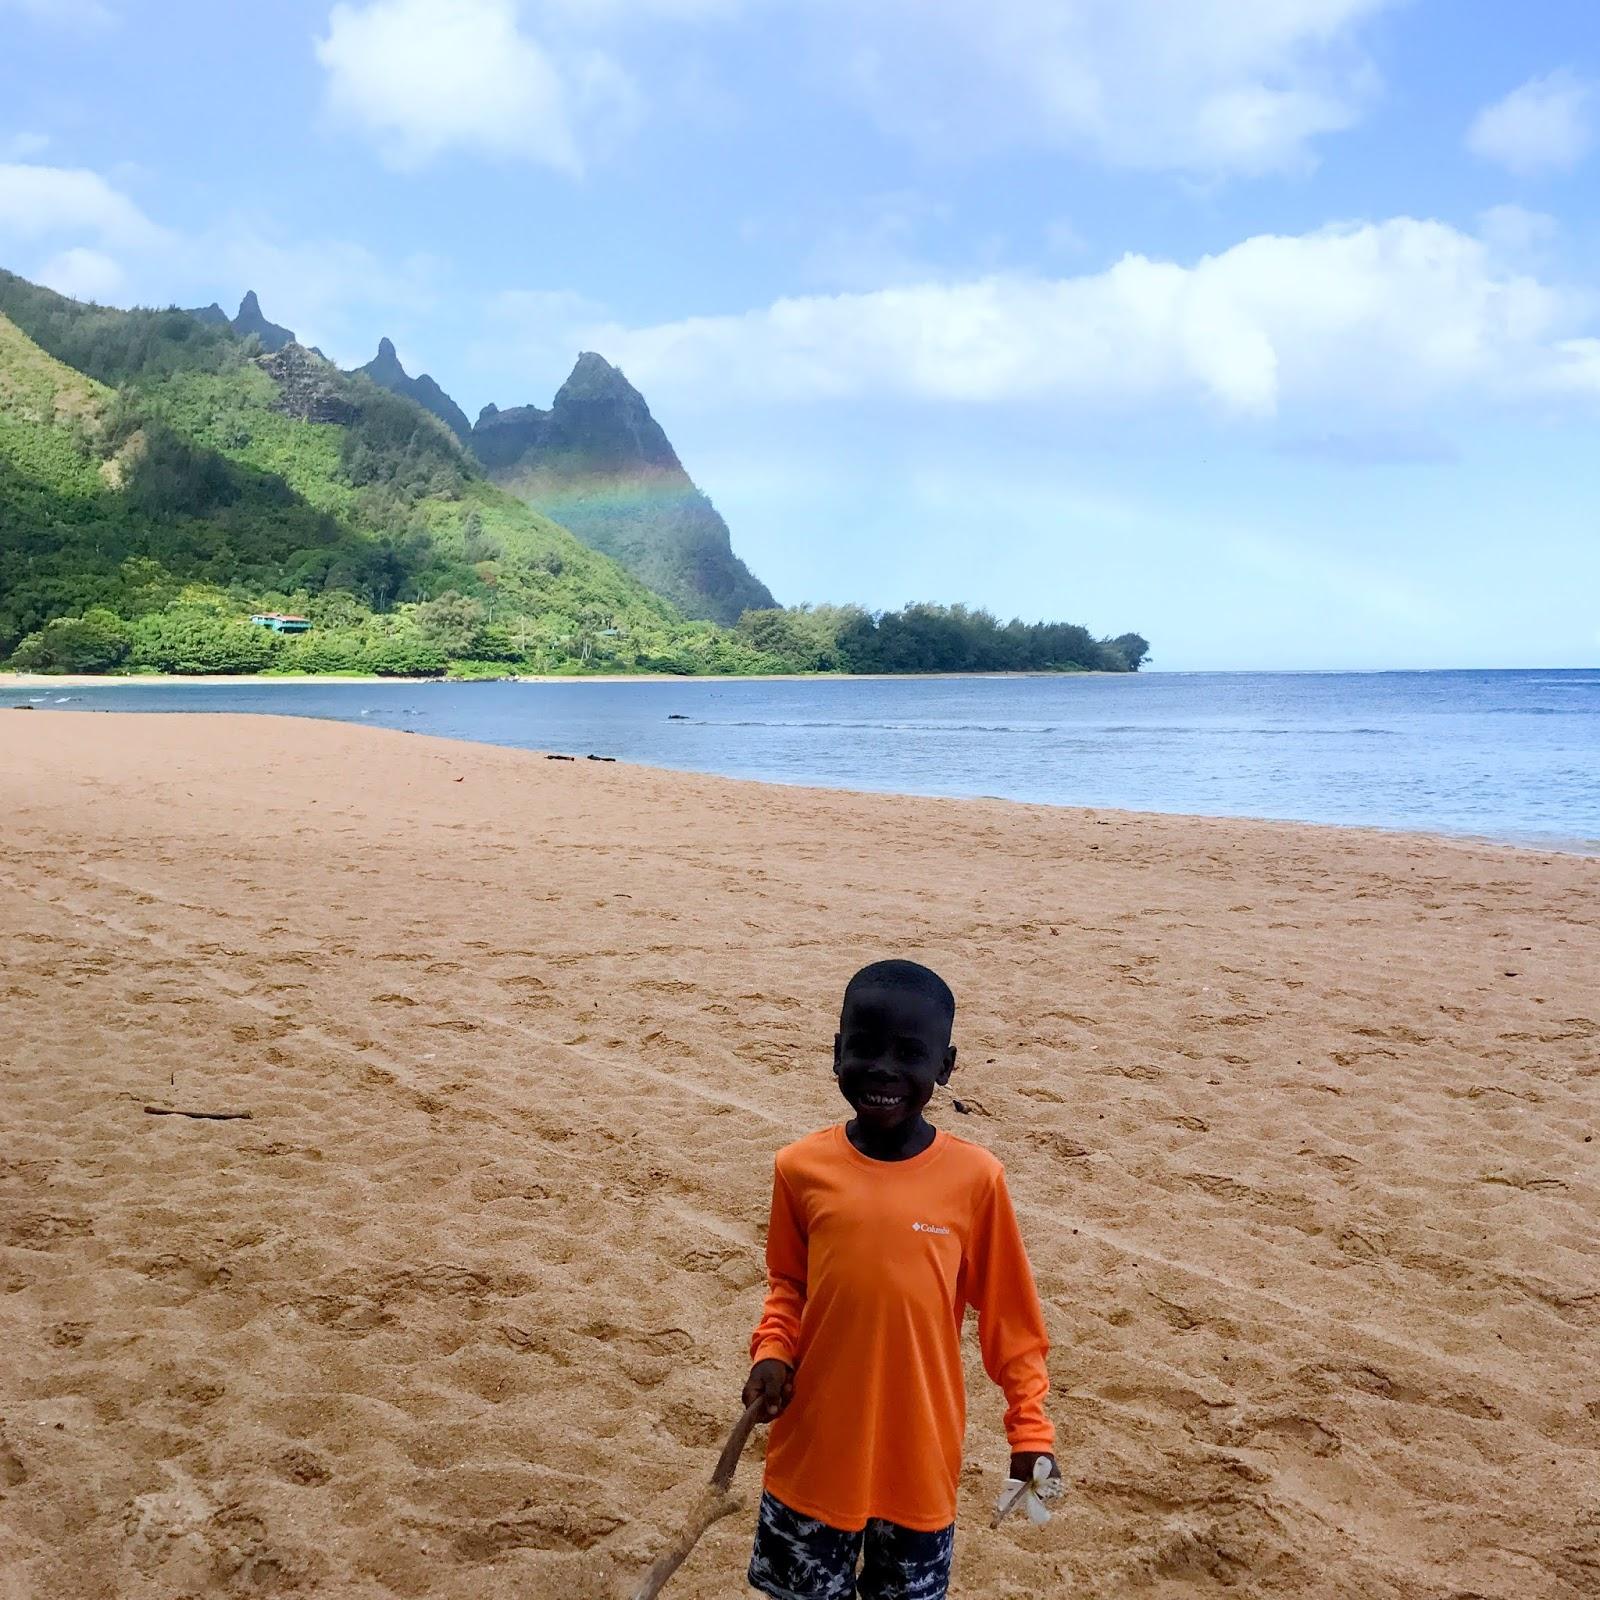 Kauai: Things to Do!